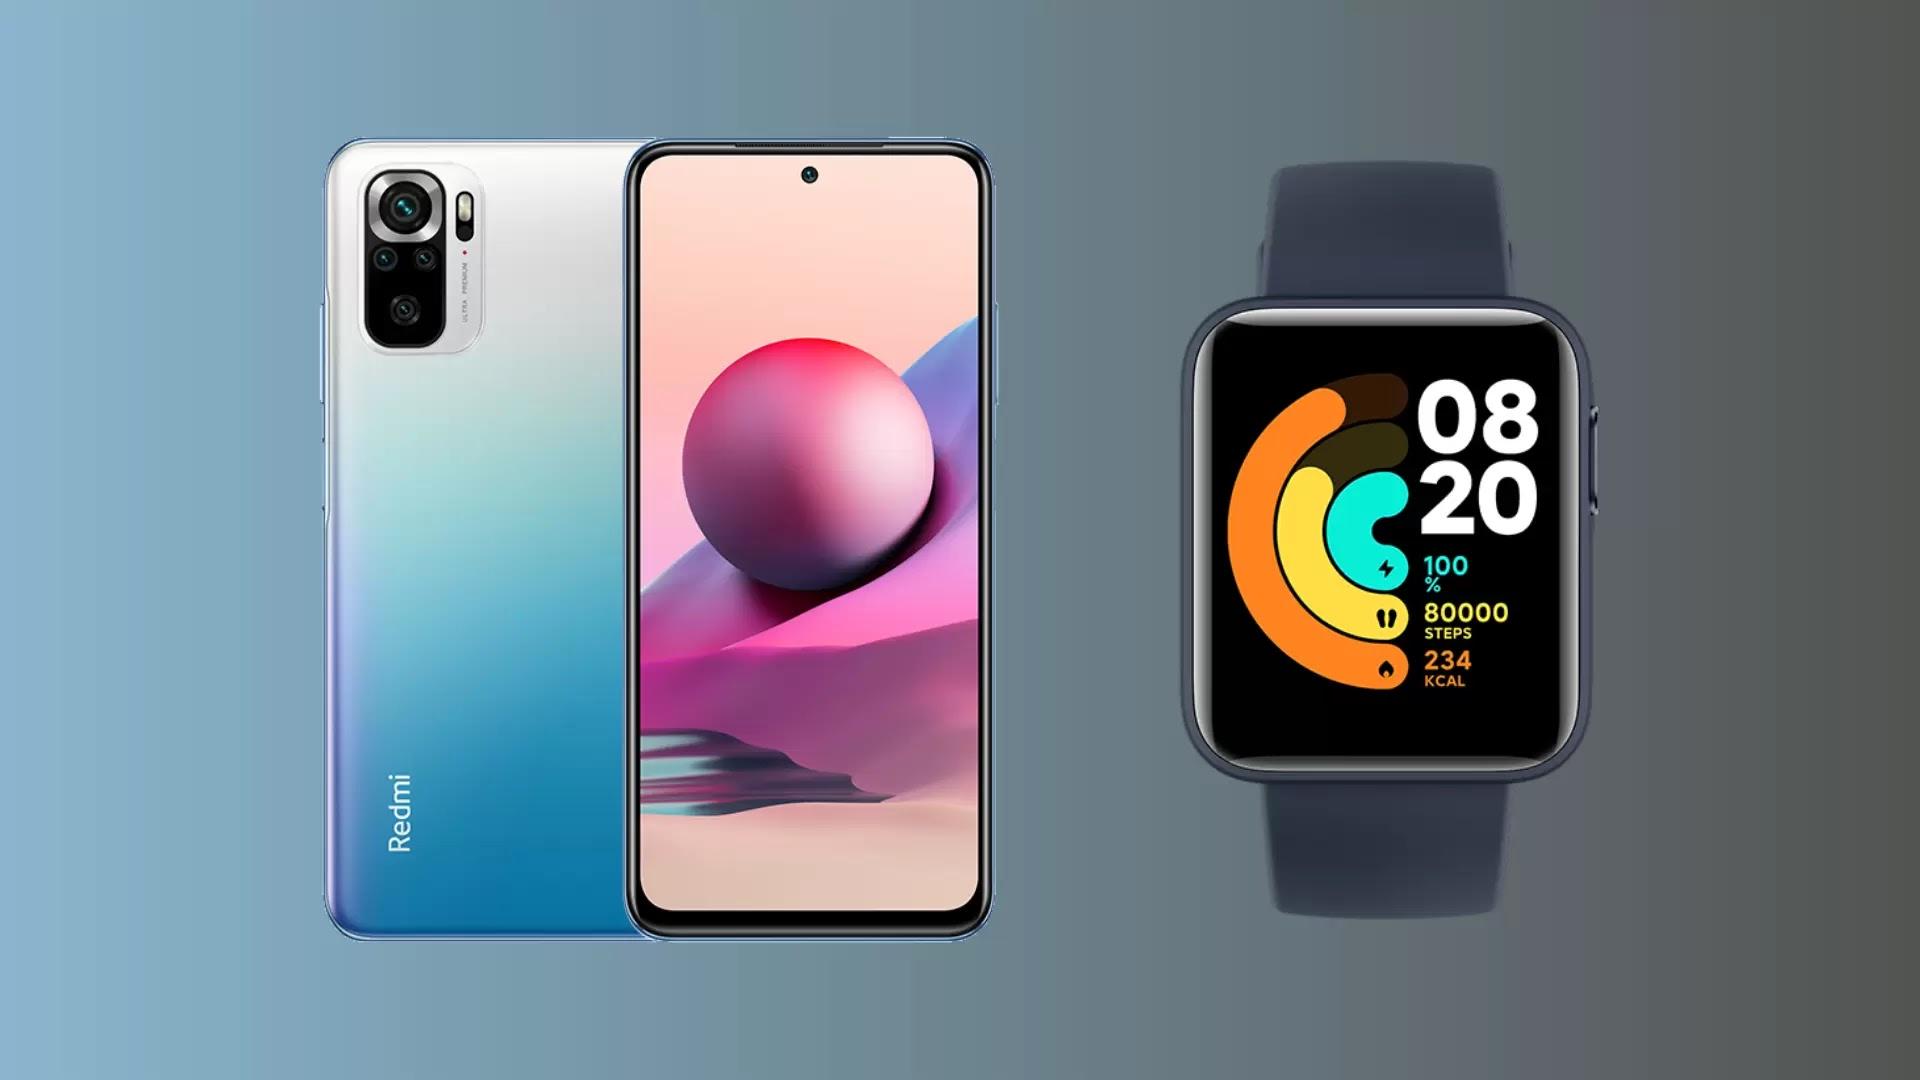 ভারতে Redmi Note 10S স্মার্টফোন এবং Redmi Watch হয়েছে লঞ্চ